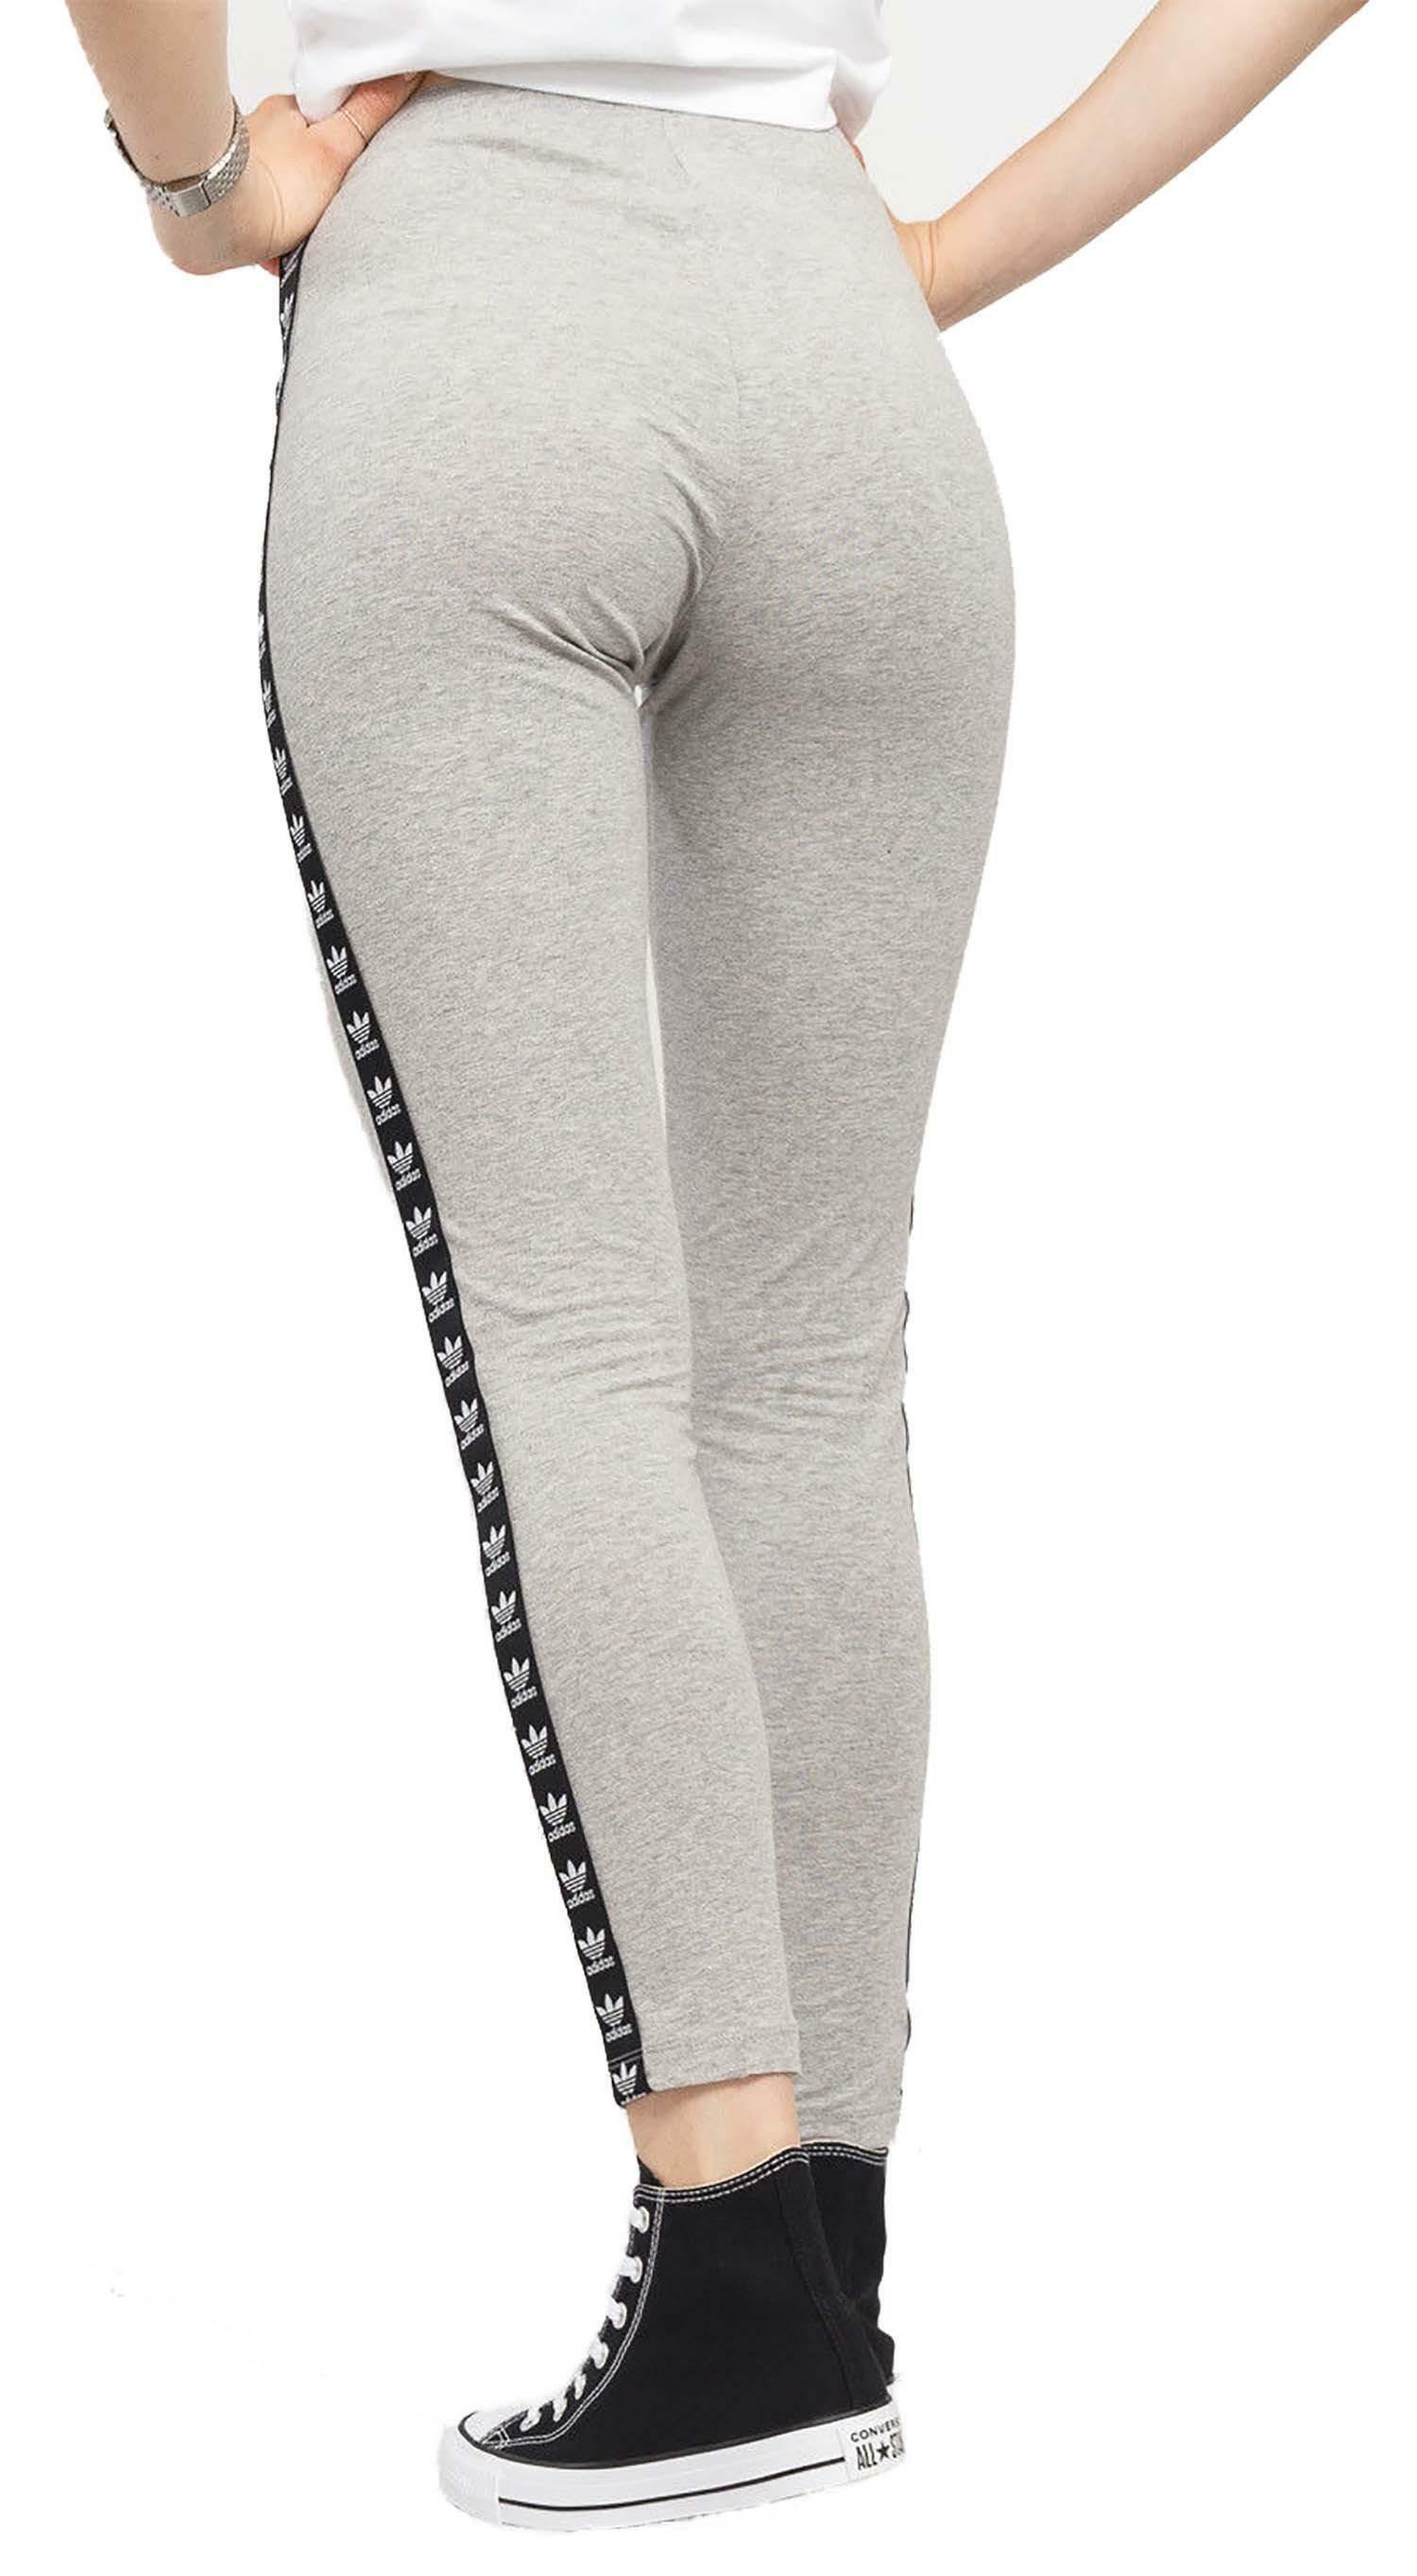 adidas adidas trf tight leggings donna grigi dn8407